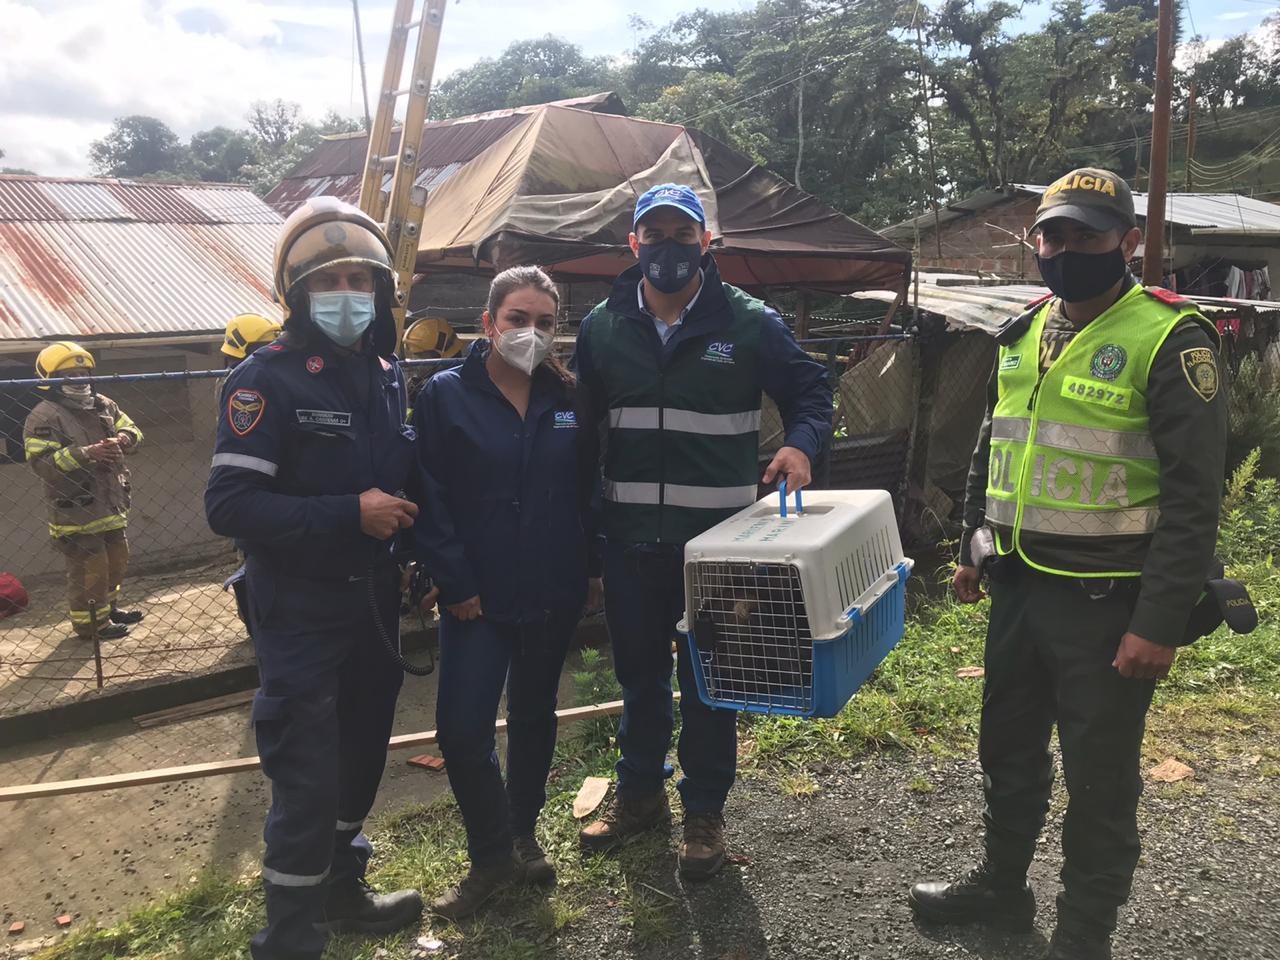 Equipo de rescate. Imagen: Corporación Autónoma Regional del Valle del Cauca (CVC)